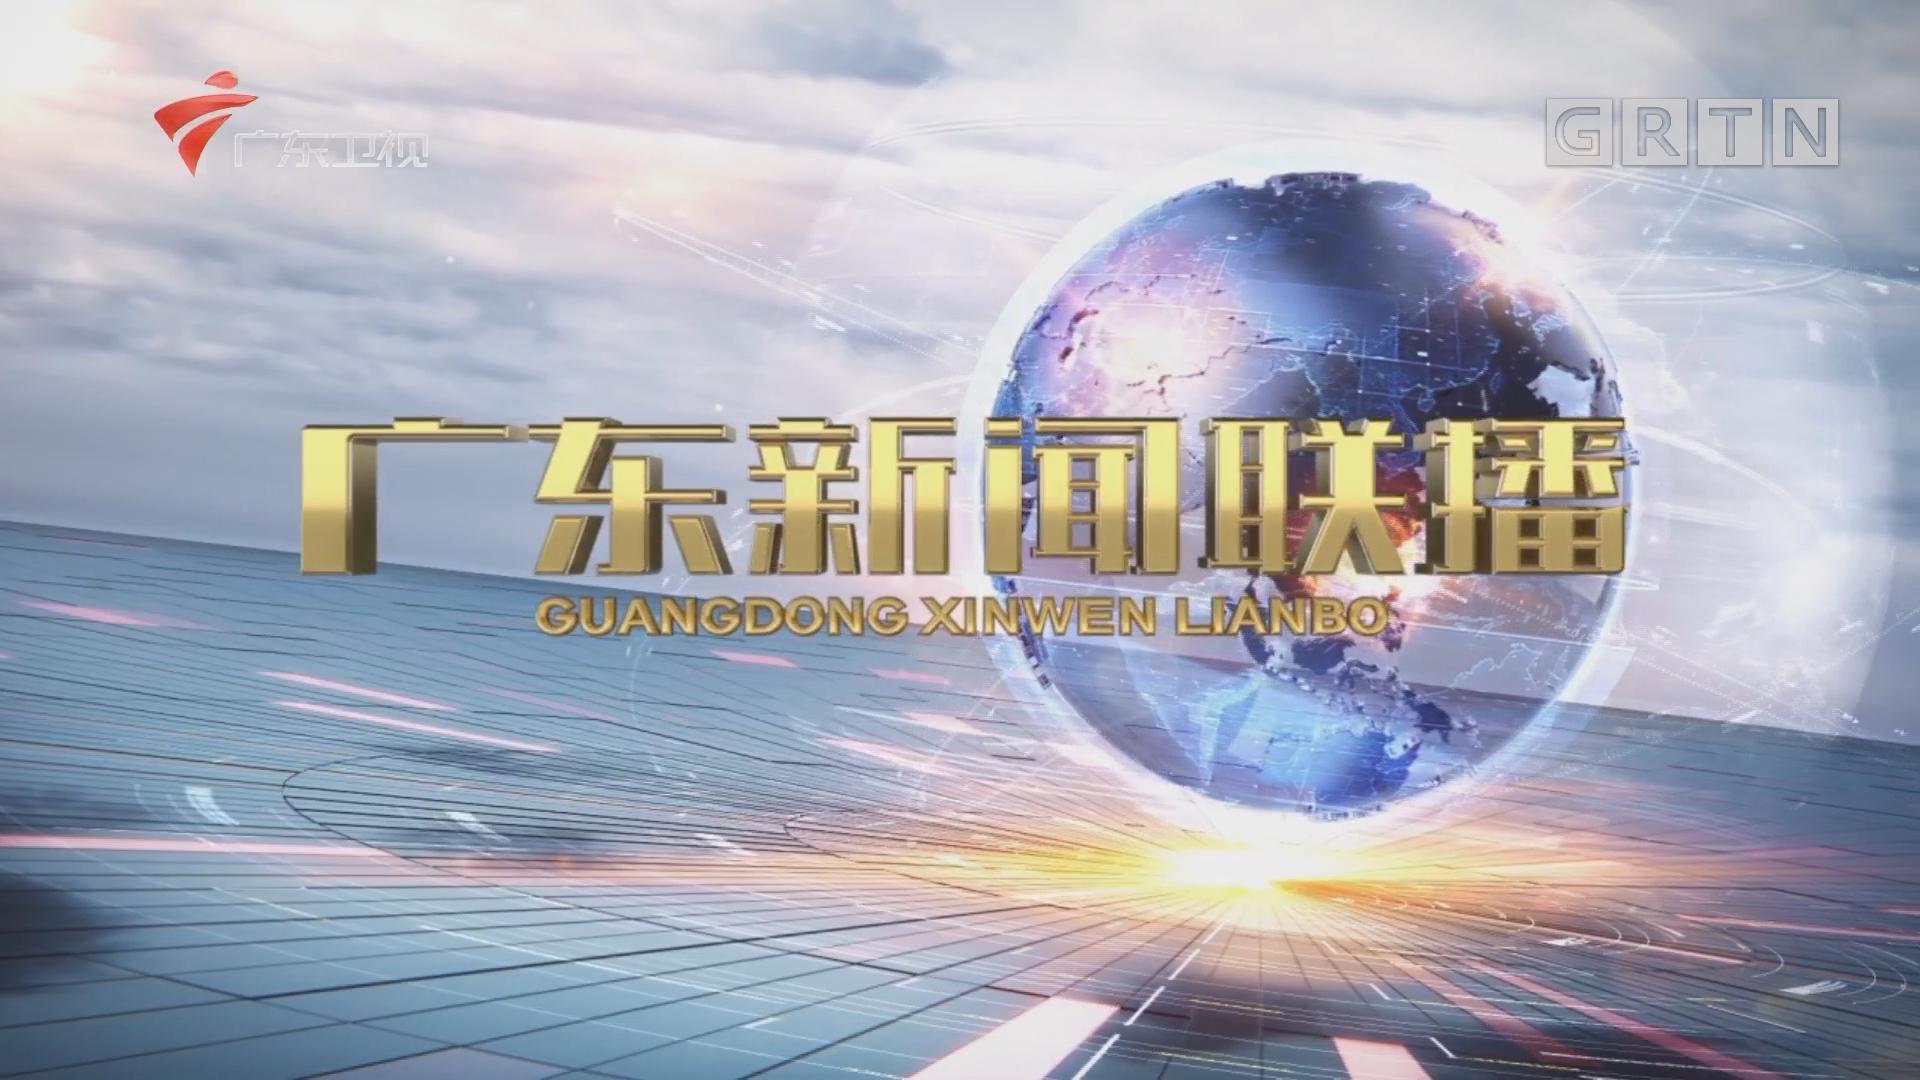 [HD][2019-09-13]广东新闻联播:广东:传统民俗节味浓 多彩活动庆中秋